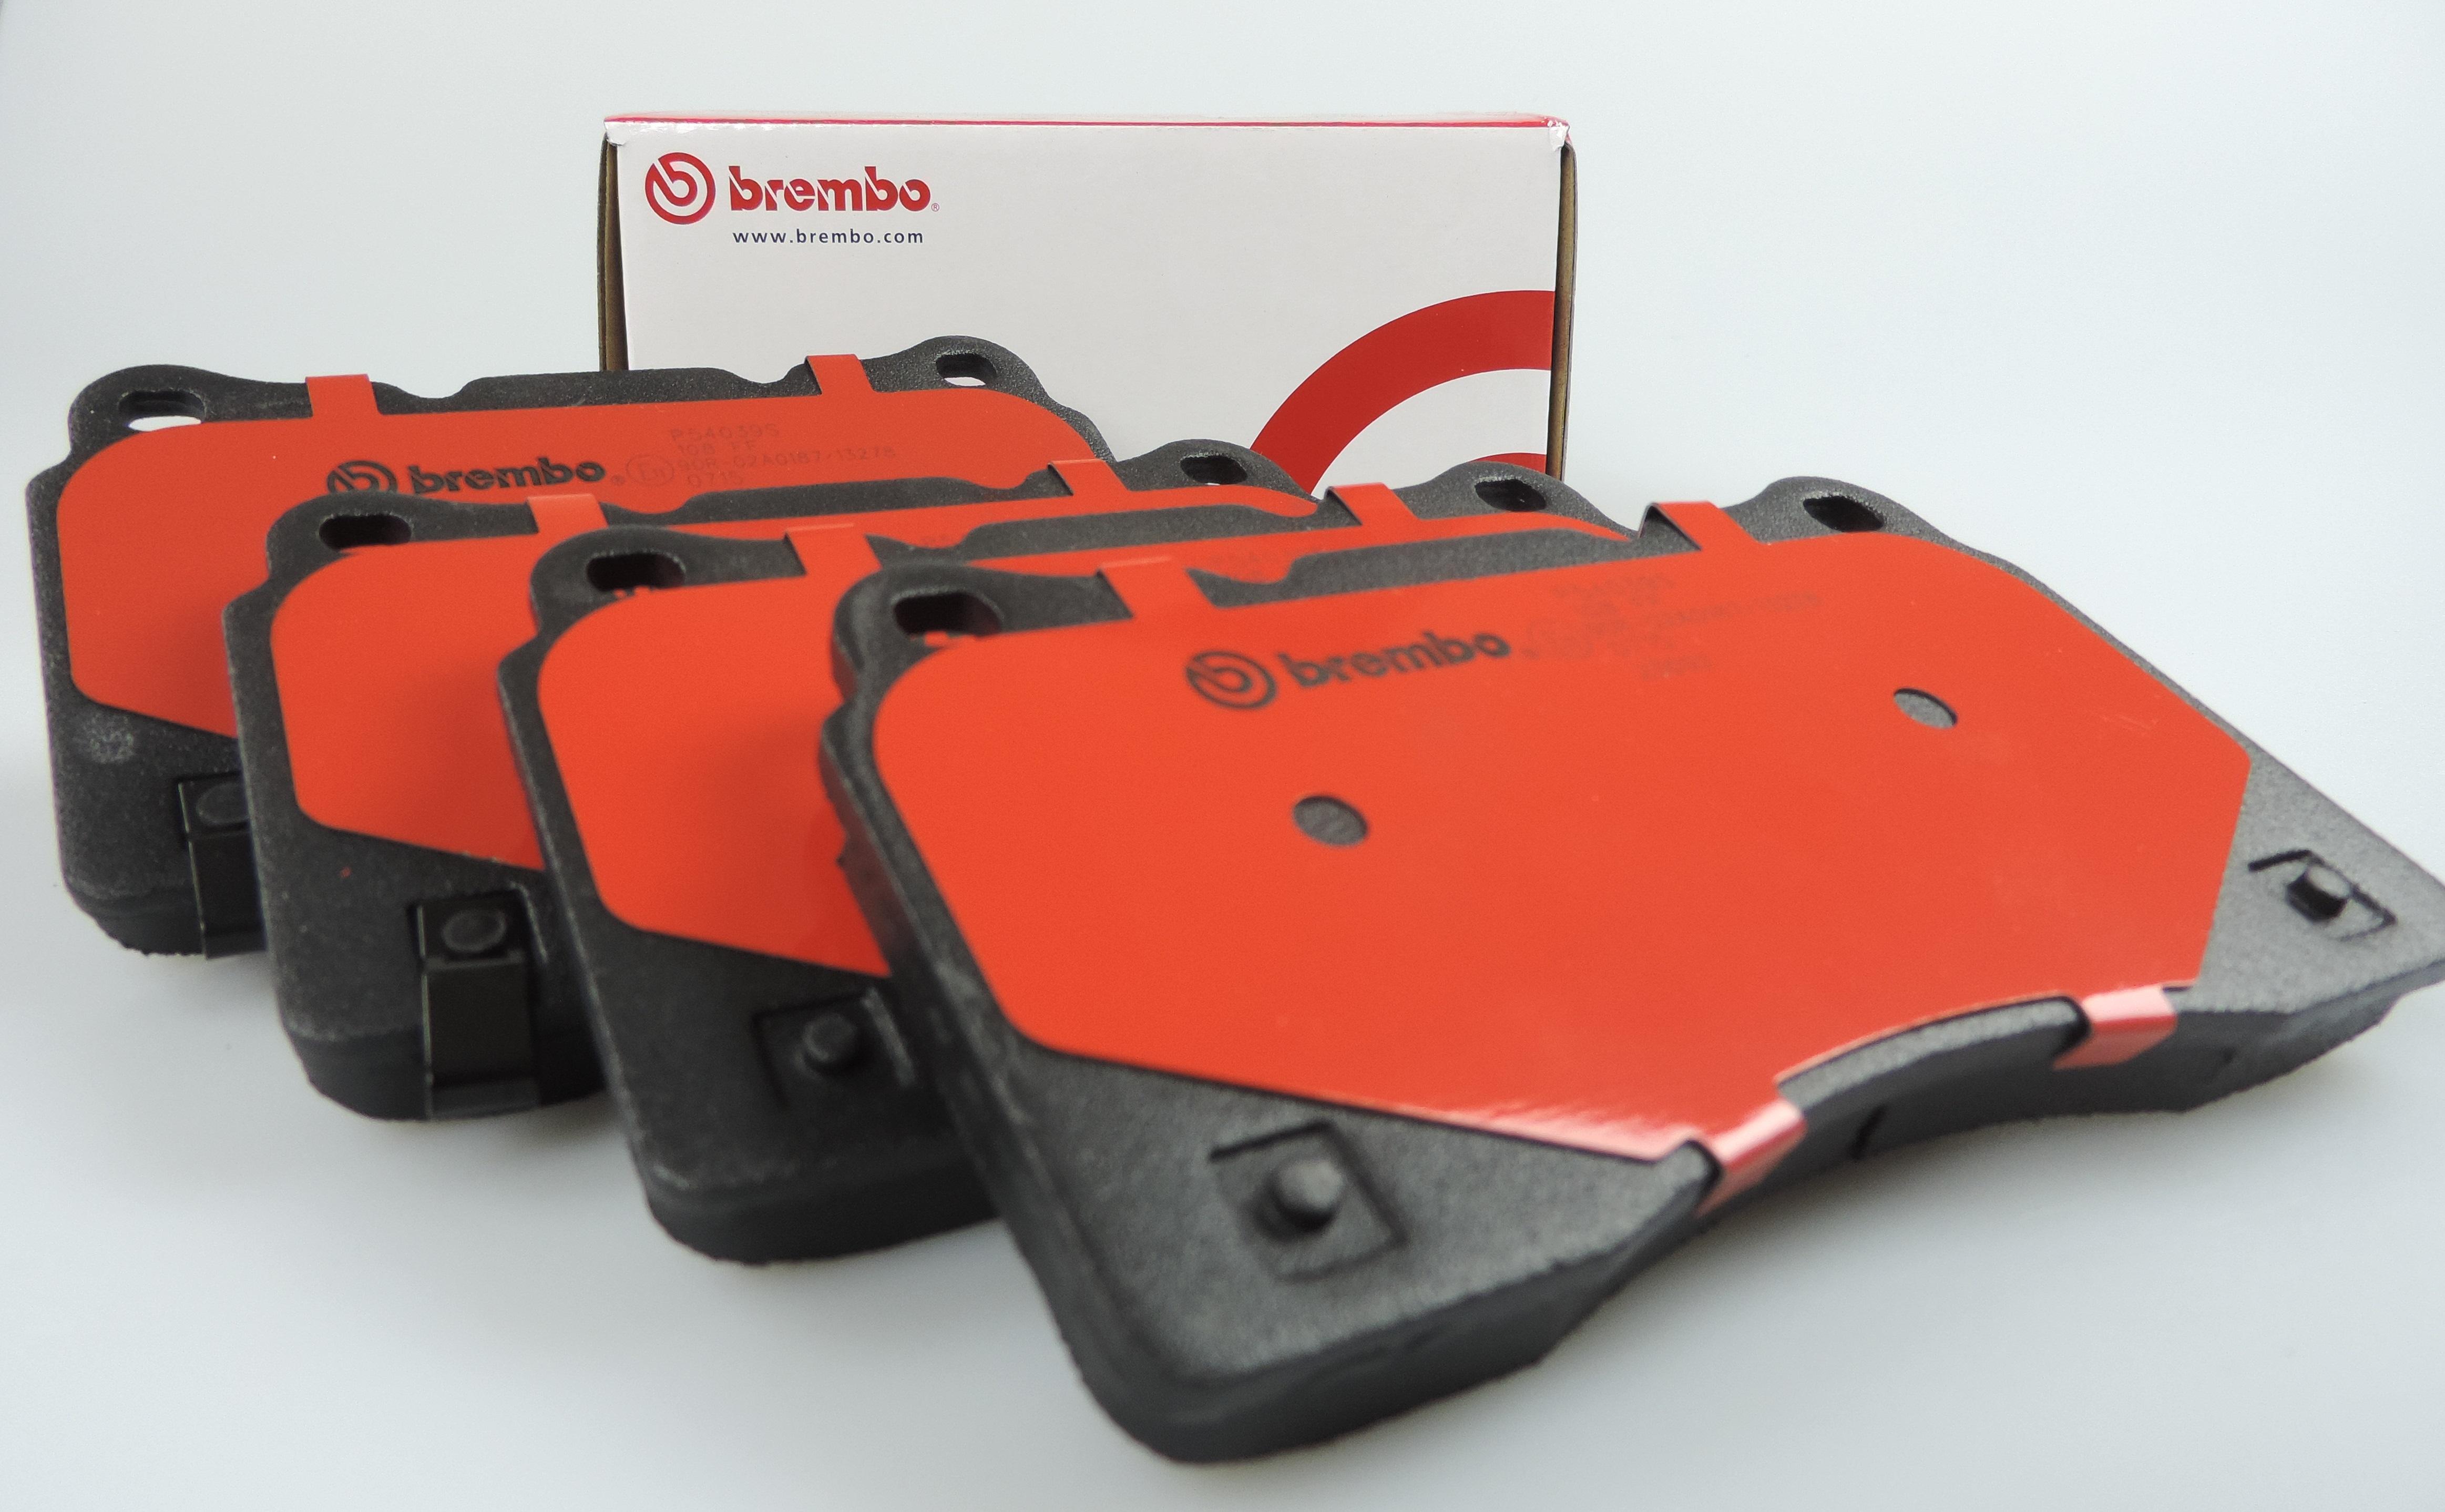 Brembo Brake Pads >> Genuine Brembo Heavy Duty Brake Pads For Nissan Navara D40 Spanish